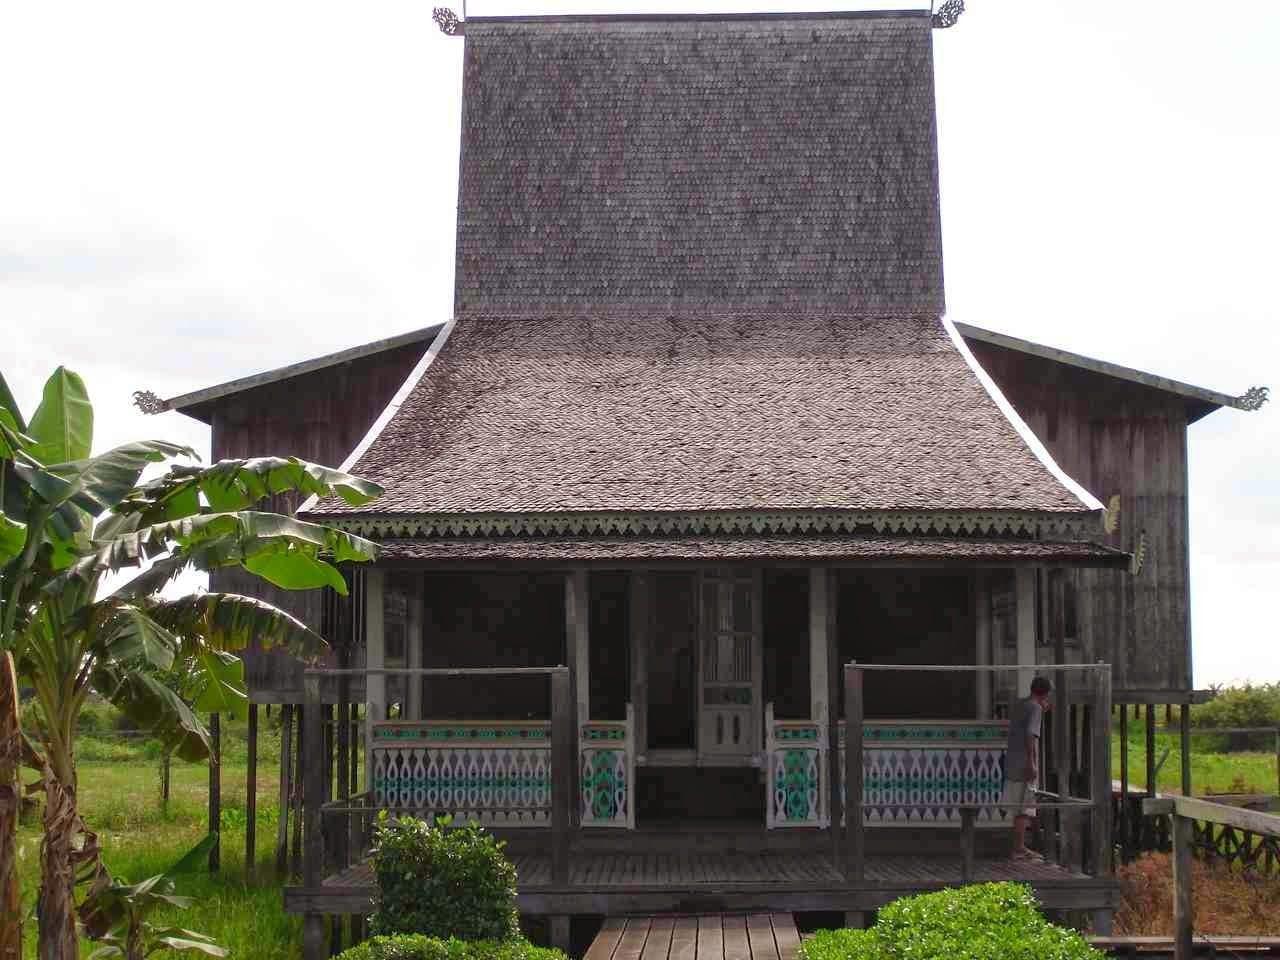 Kreatif 21 Gambar Rumah Adat Tradisional 89 Di Ide Pengaturan Dekorasi Rumah untuk 21 Gambar Rumah Adat Tradisional